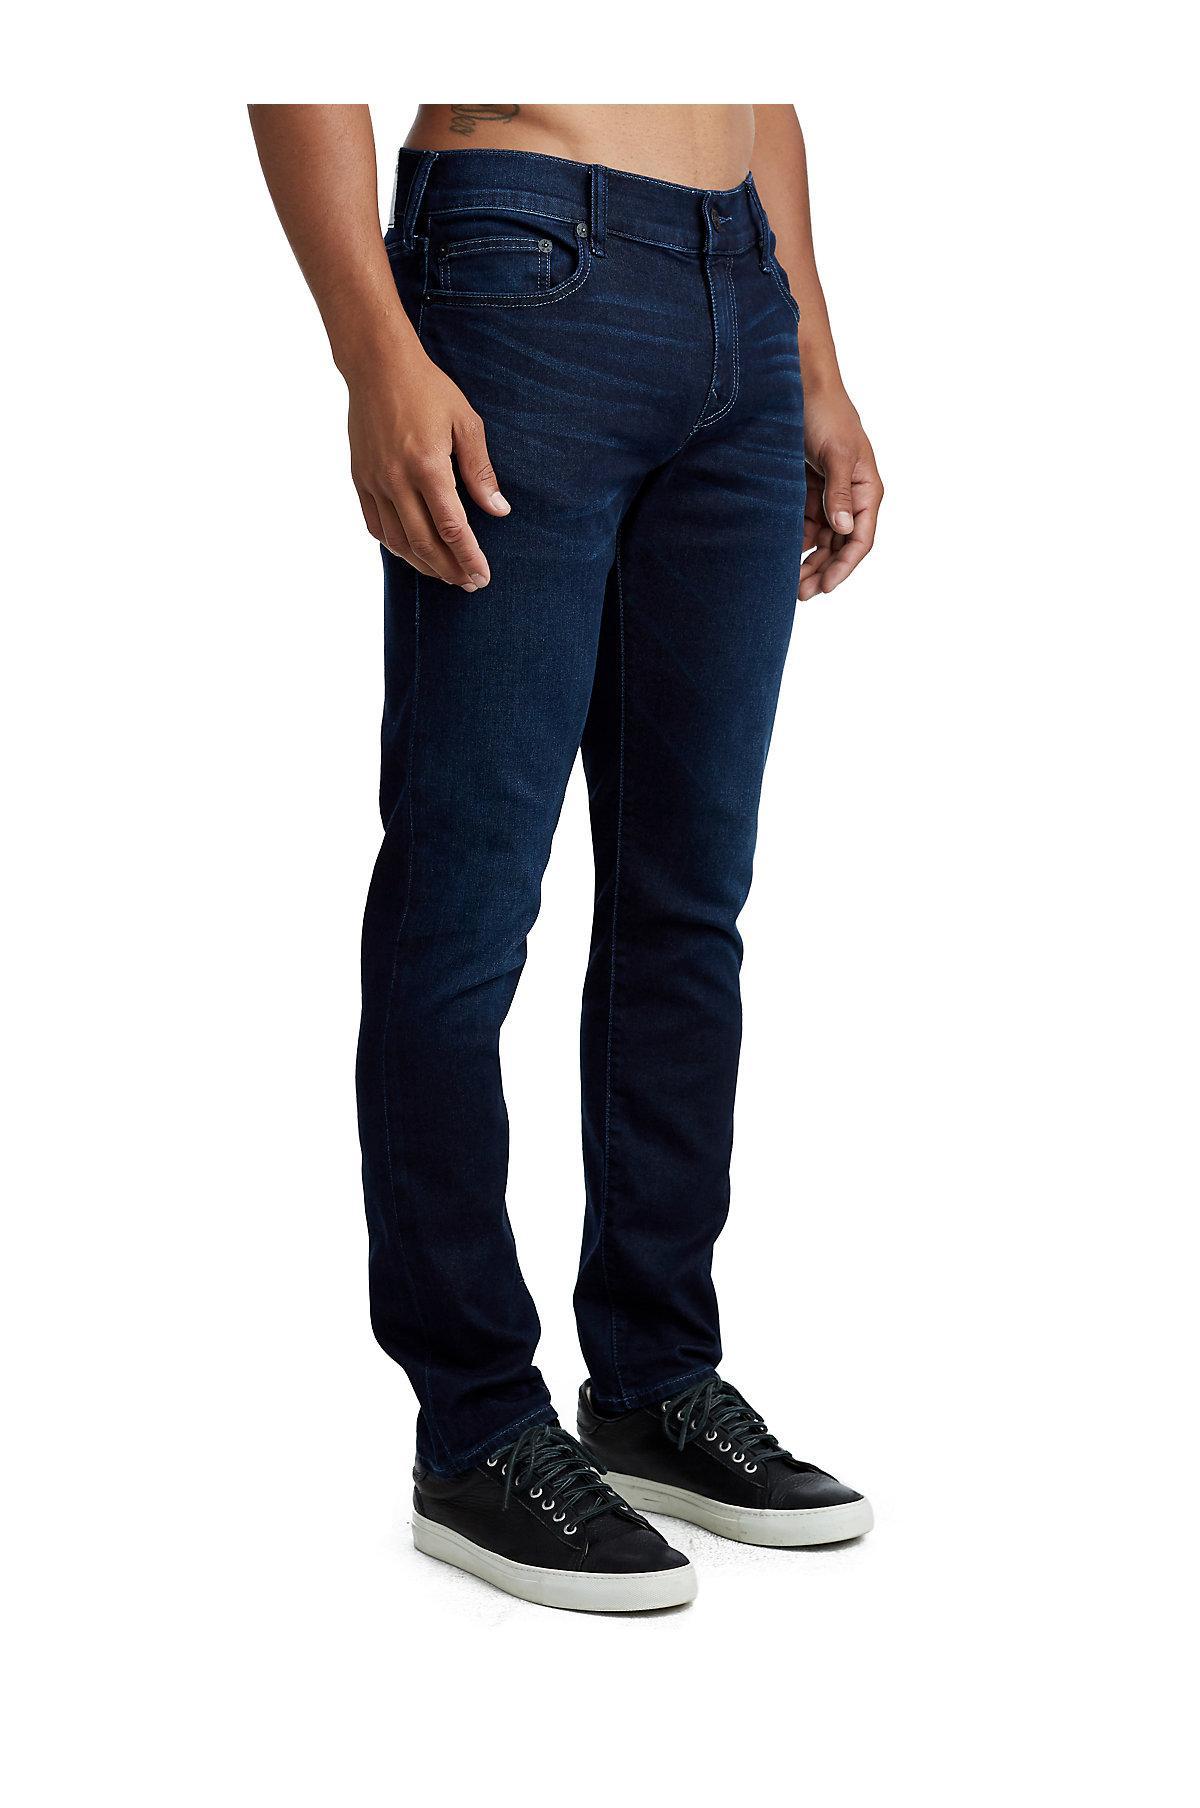 9e1f08663 Lyst - True Religion Rocco Skinny Jean in Blue for Men